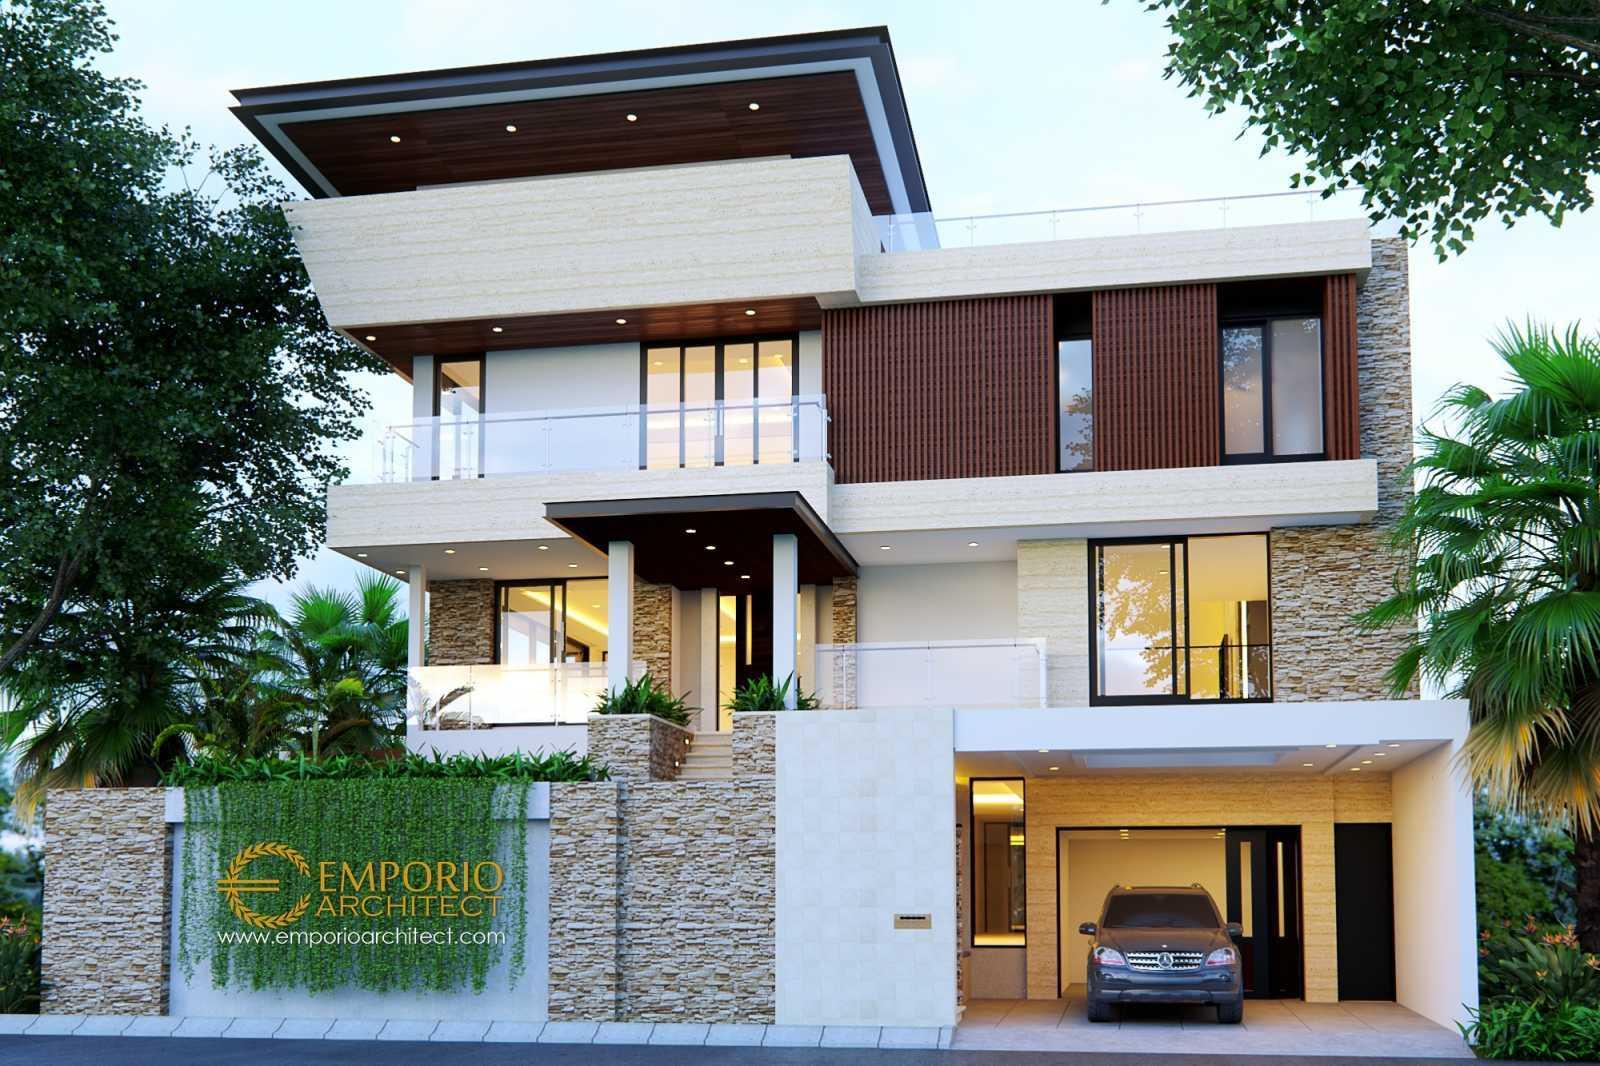 Emporio Architect Desain Rumah Modern Tropis 479 @ Tangerang Tangerang, Kota Tangerang, Banten, Indonesia Tangerang, Kota Tangerang, Banten, Indonesia Emporio-Architect-Desain-Rumah-Modern-Tropis-479-Tangerang Modern  77108